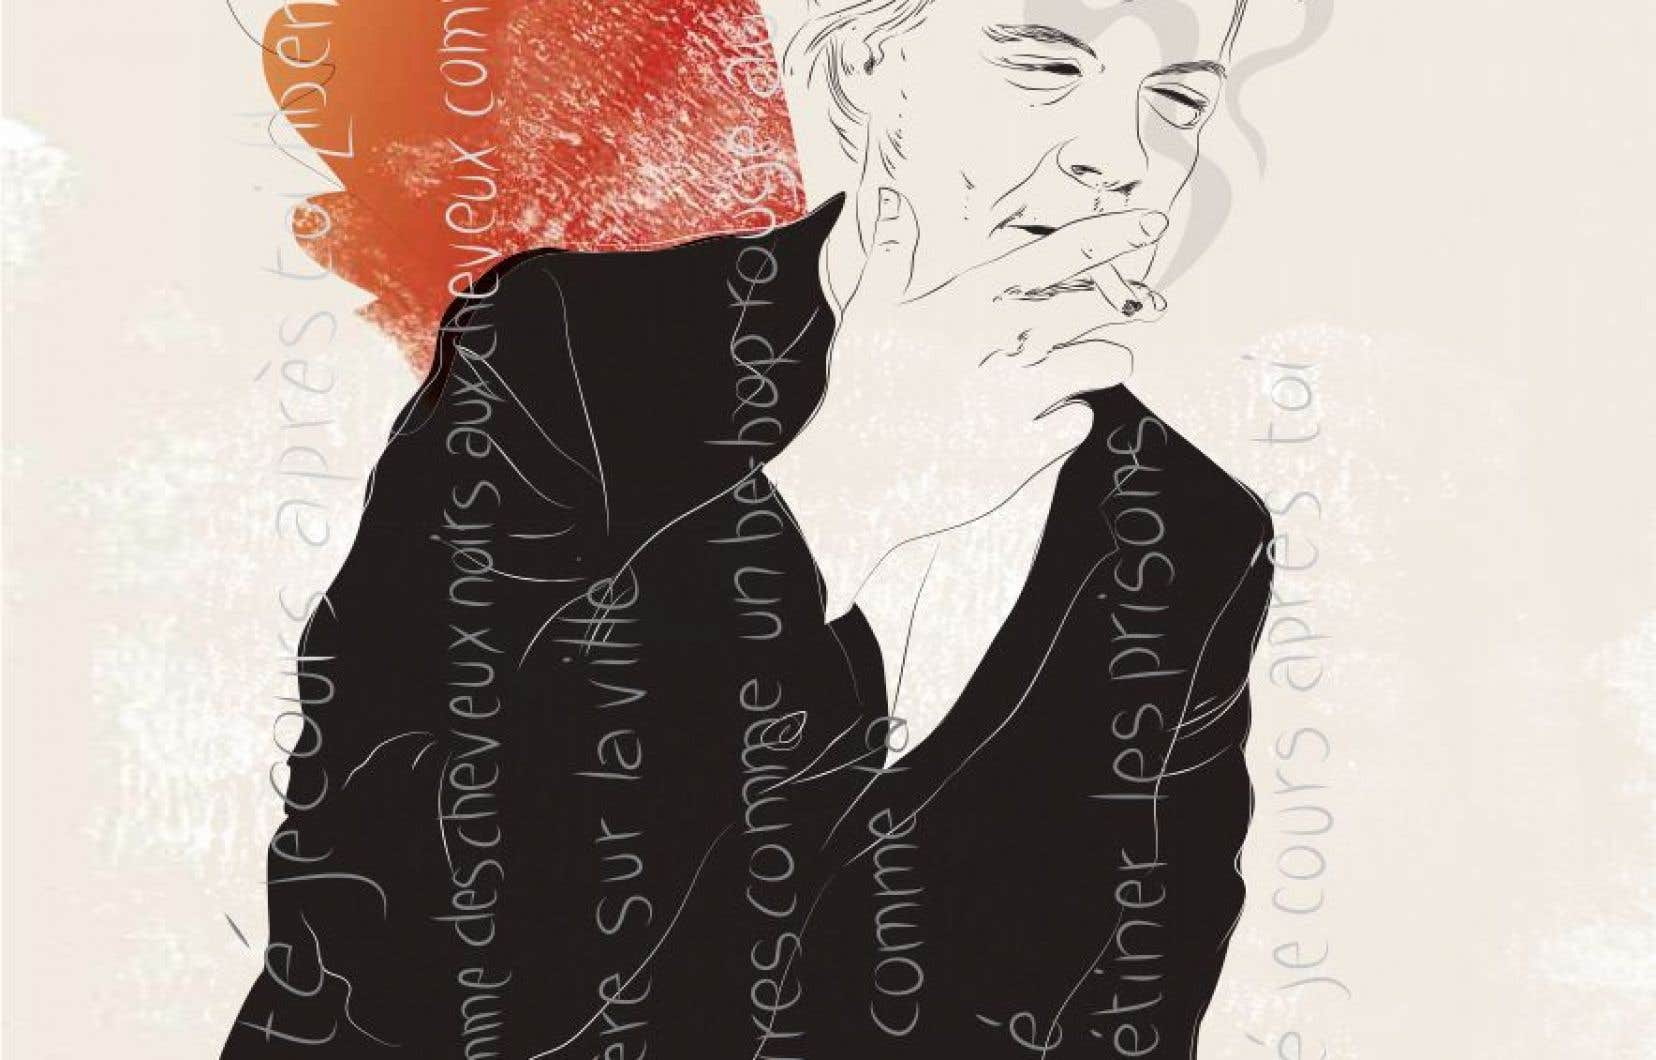 Disparu à 30 ans, le poète québécois Louis Geoffroy voulait faire gicler la vie à travers les mots.